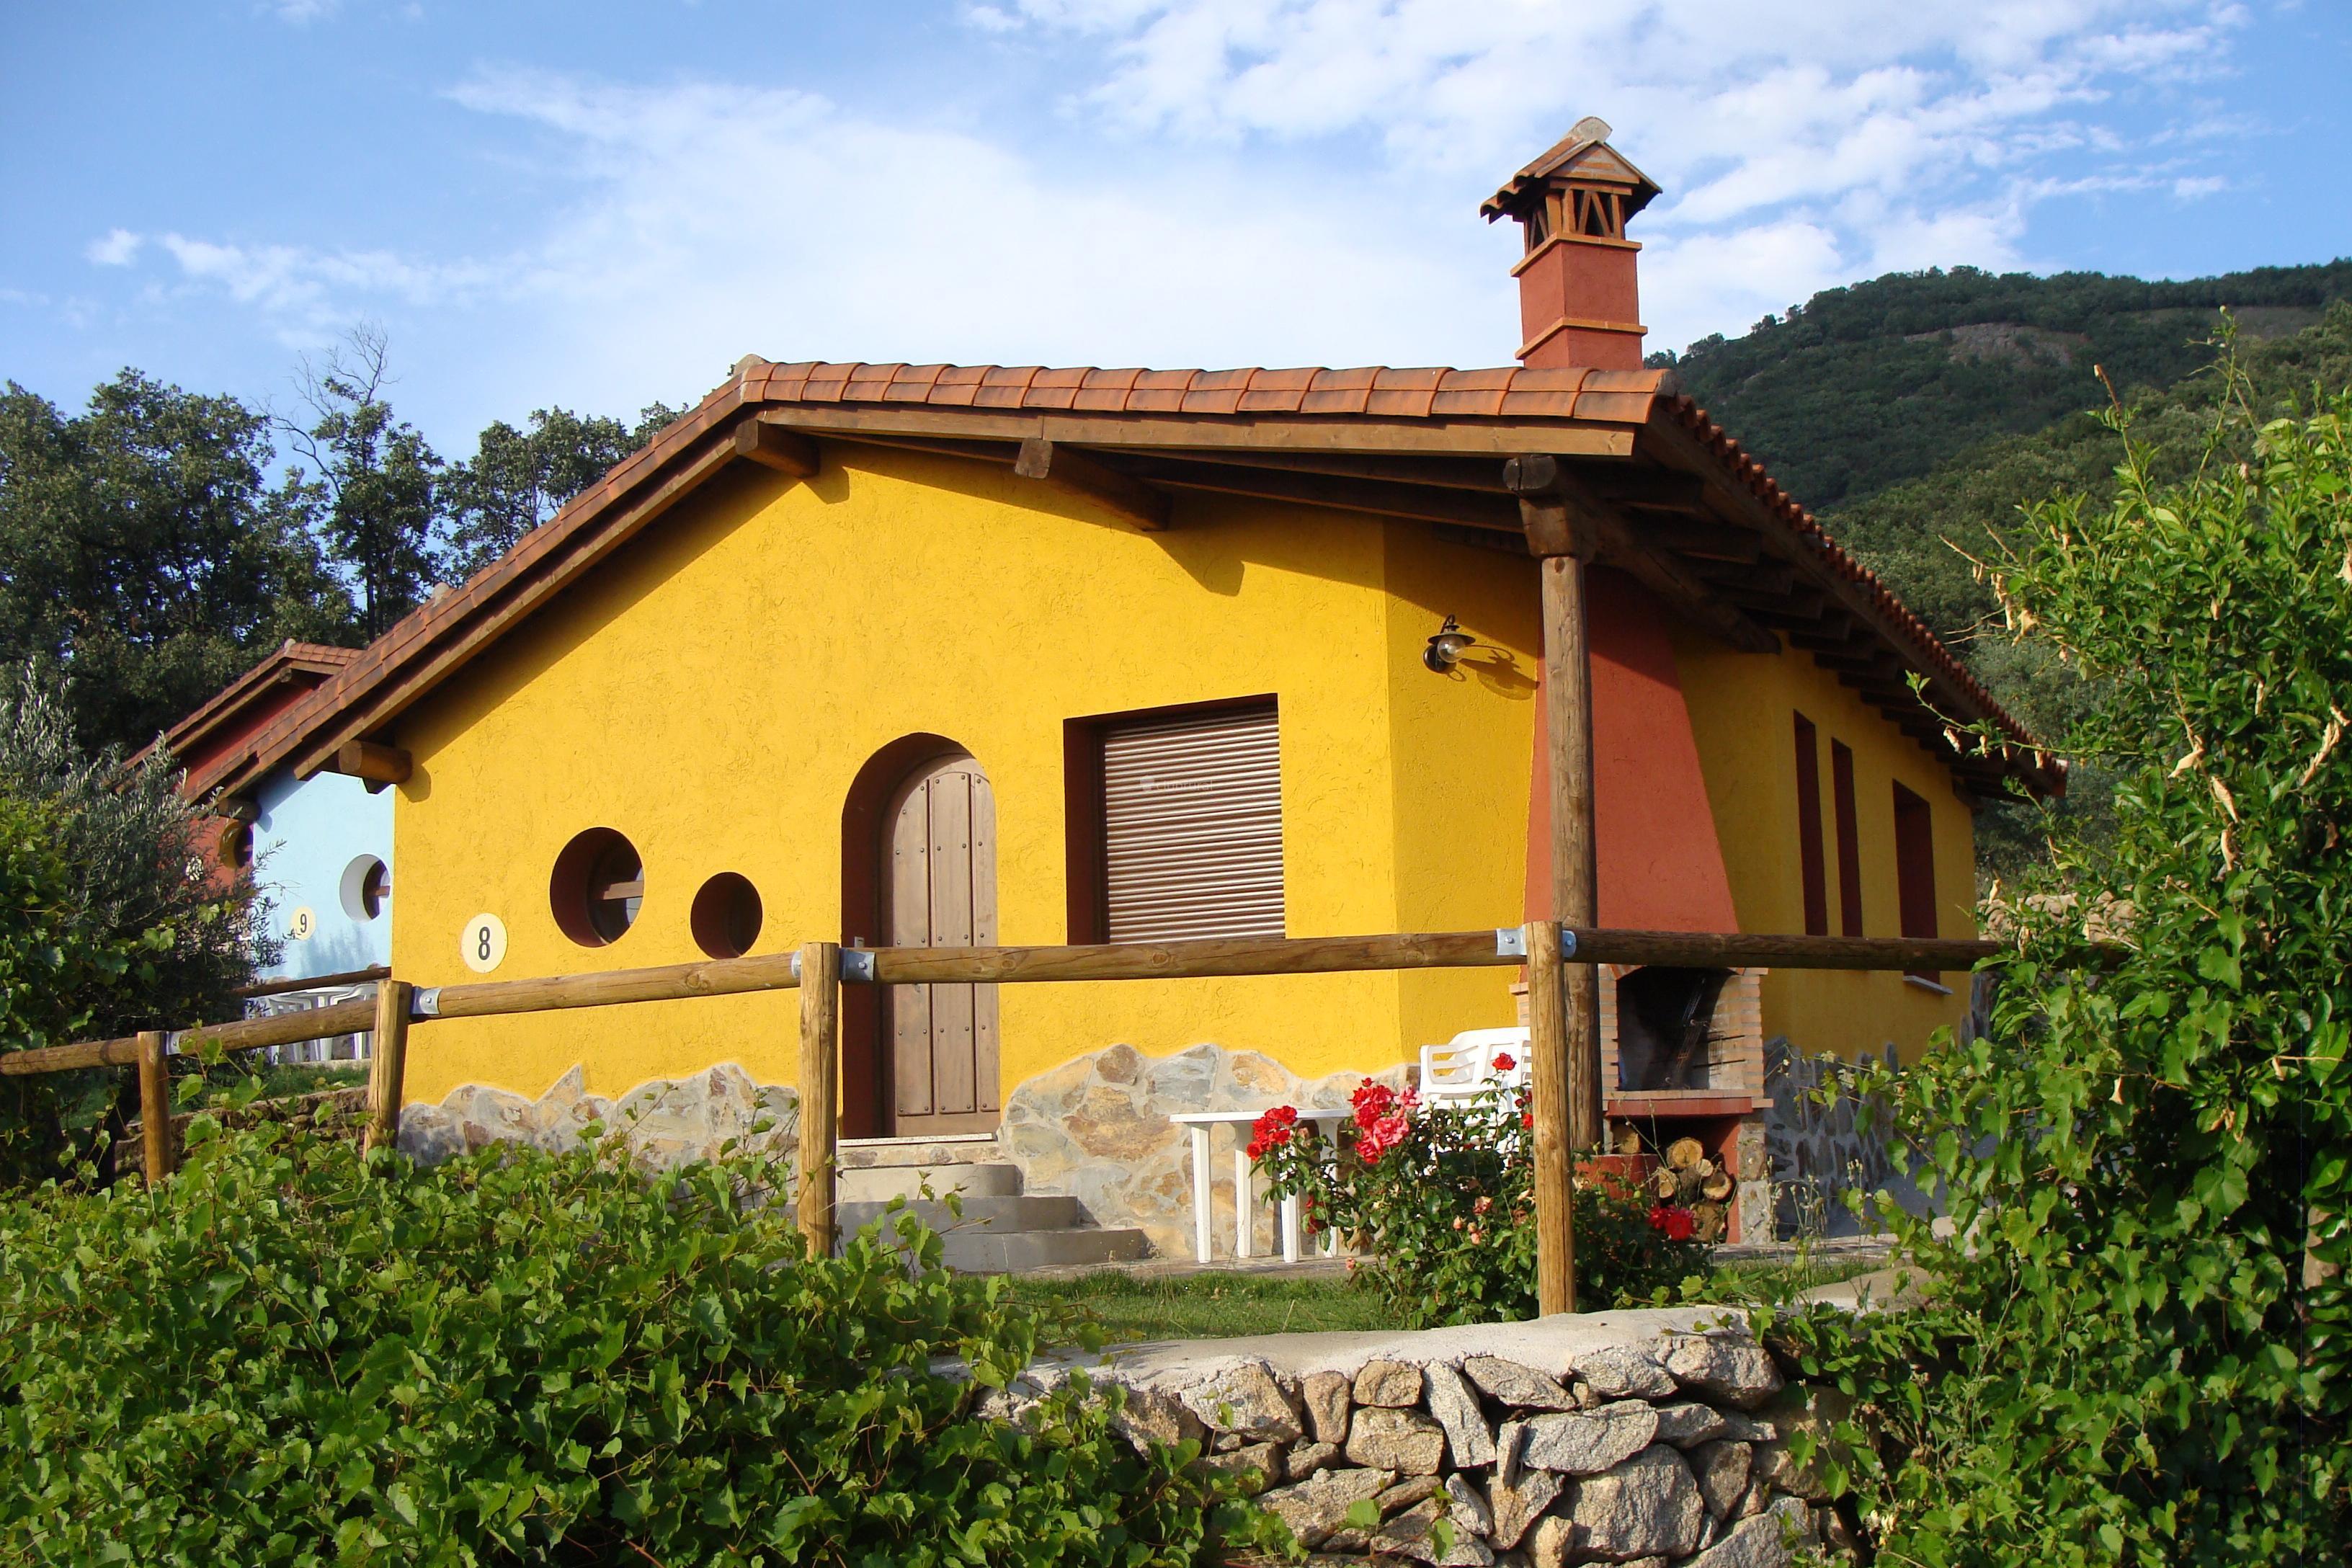 Fotos de casas rurales manolo c ceres casas del monte clubrural - Casa rural horcajo de los montes ...